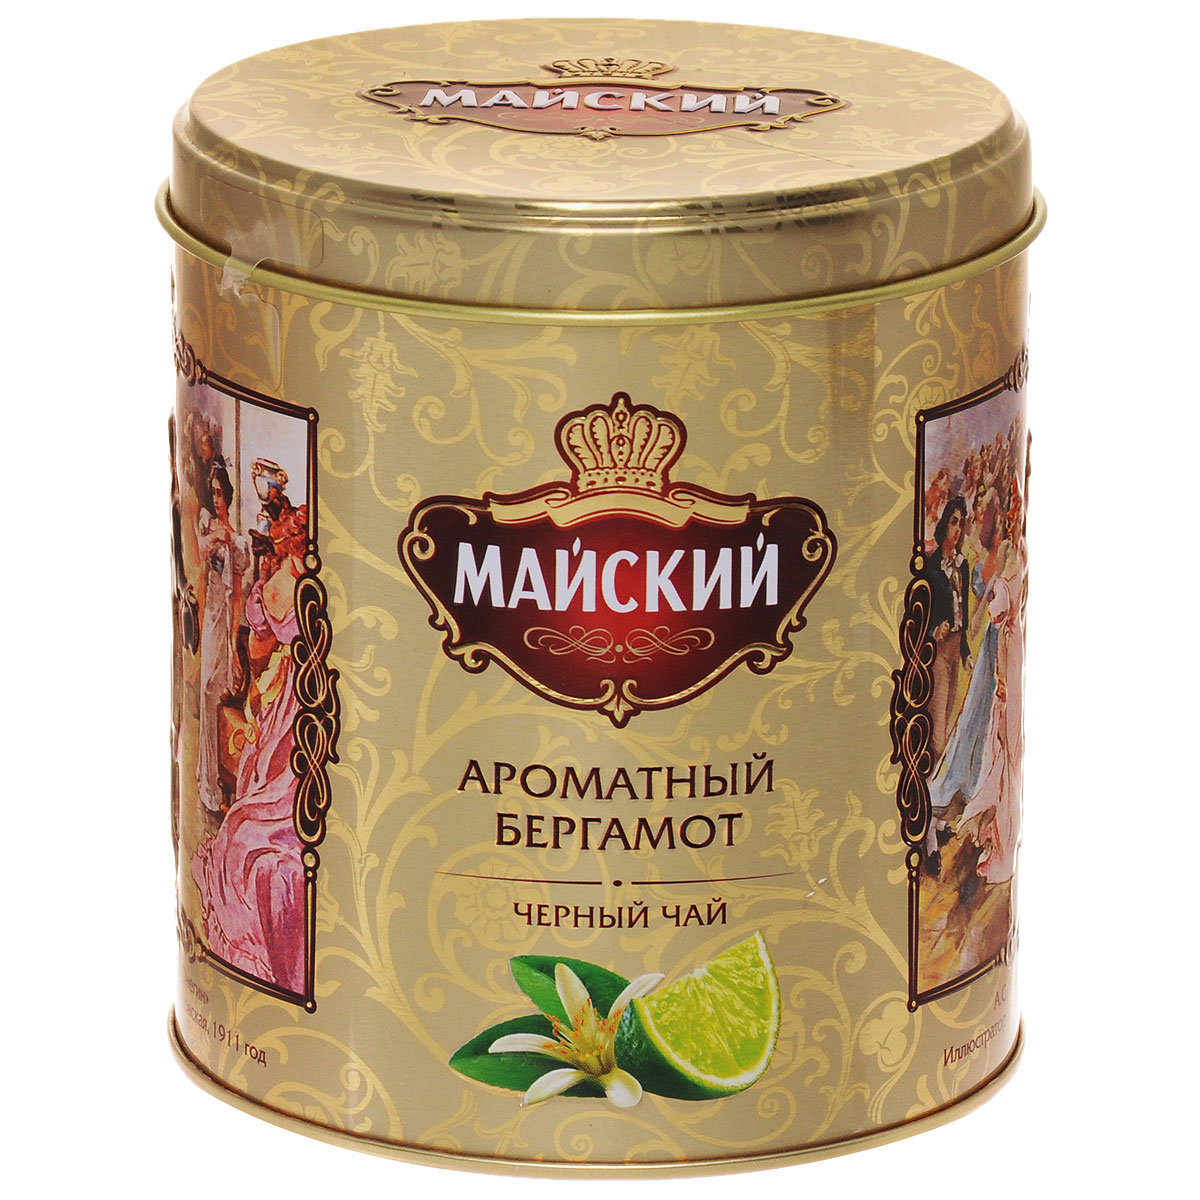 Майский Ароматный Бергамот черный ароматизированный листовой чай, 90 г114201Майский Ароматный Бергамот - это уникальный и изысканный вкус черного чая со свежими цитрусовыми нотками.Всё о чае: сорта, факты, советы по выбору и употреблению. Статья OZON Гид